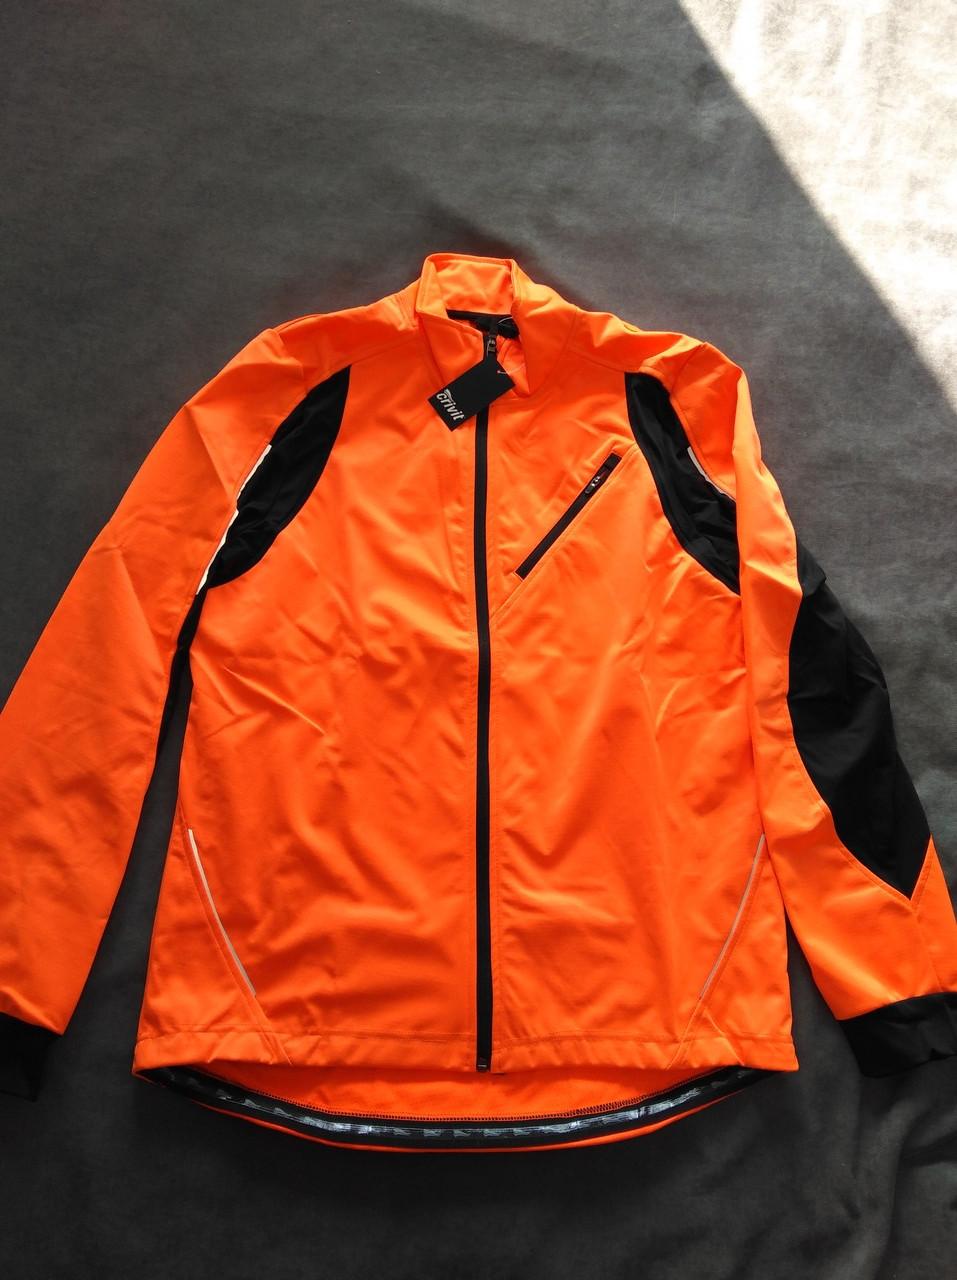 Куртка велосипедная мембранная SoftShell от Crivit